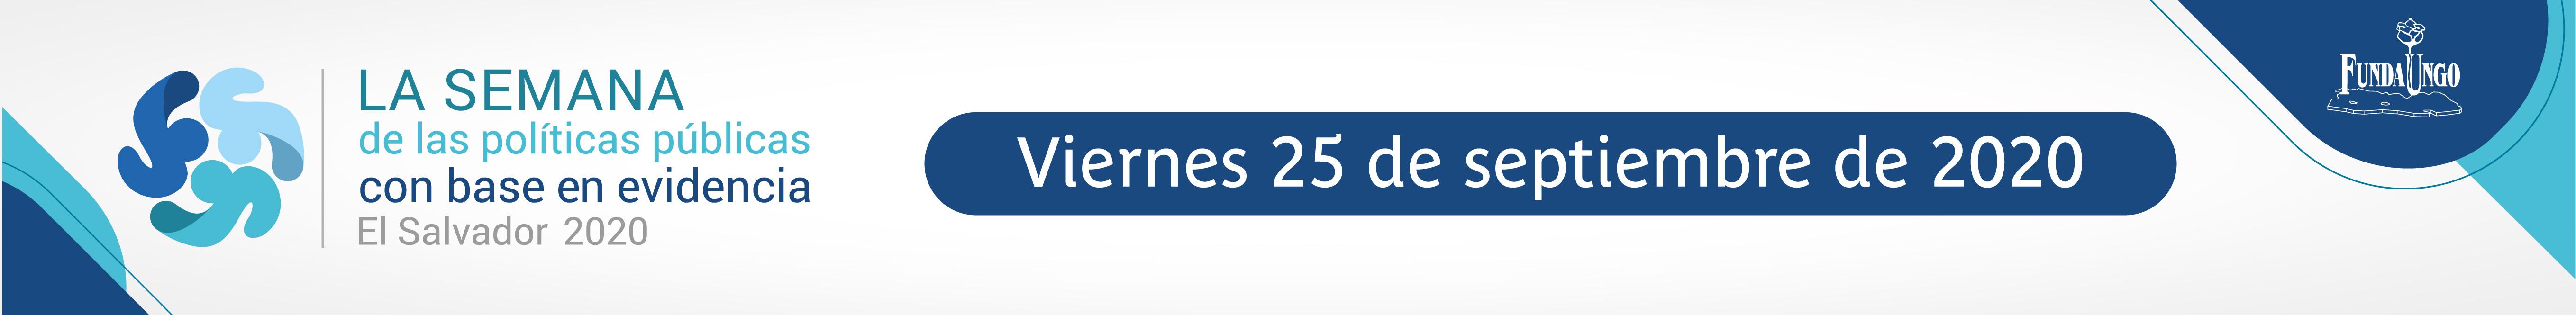 Viernes_25.jpg